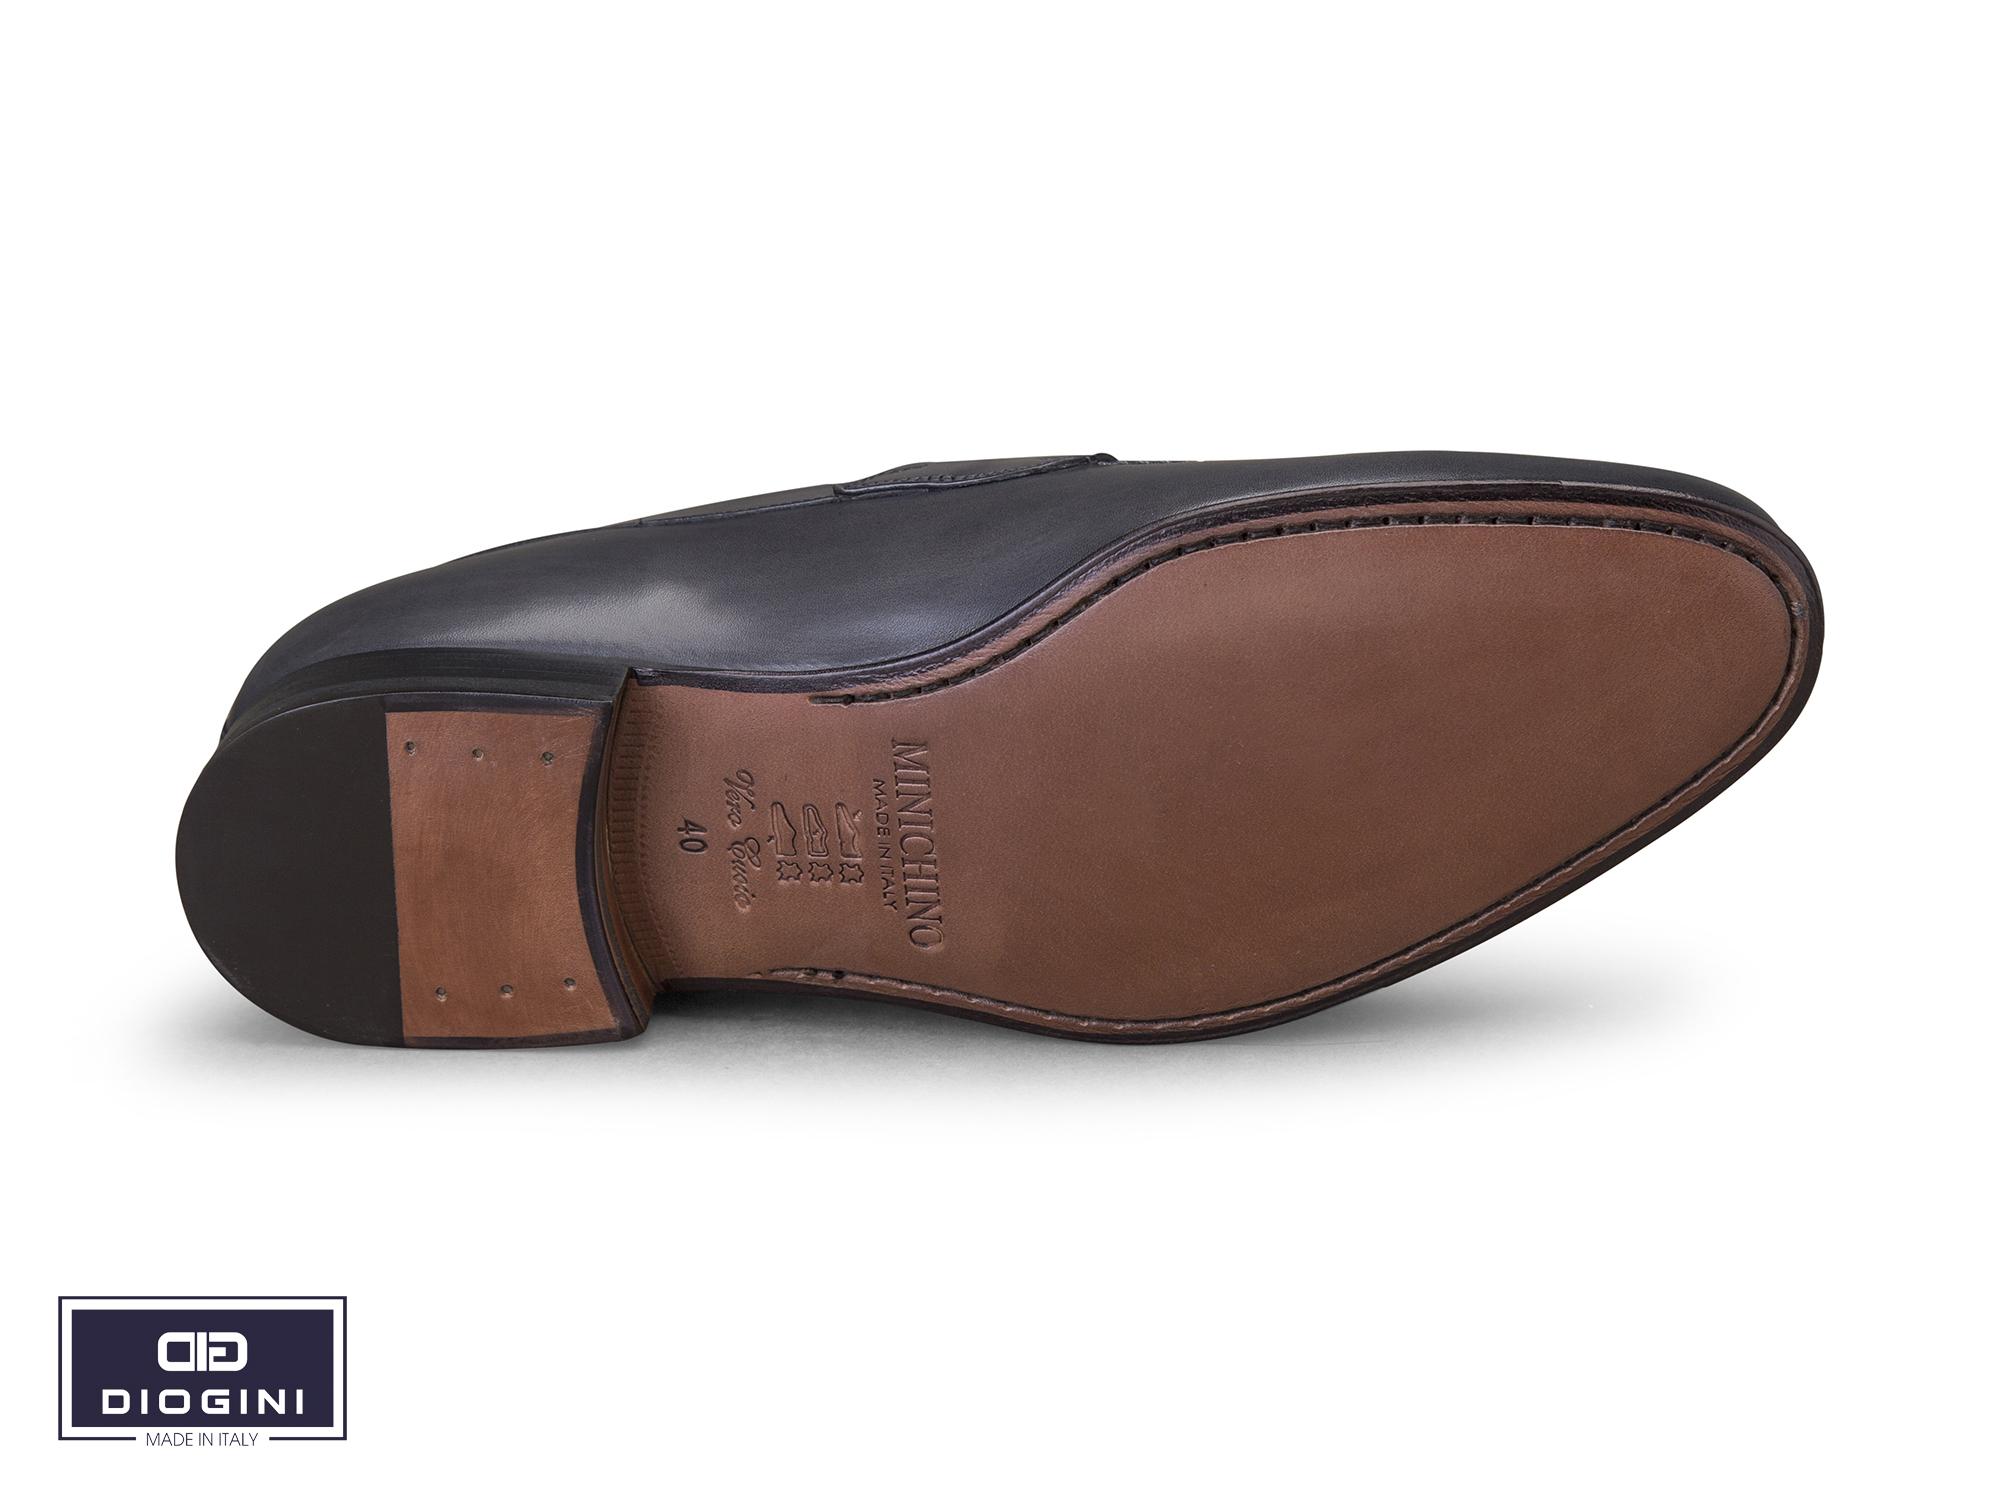 mặt đế giày da